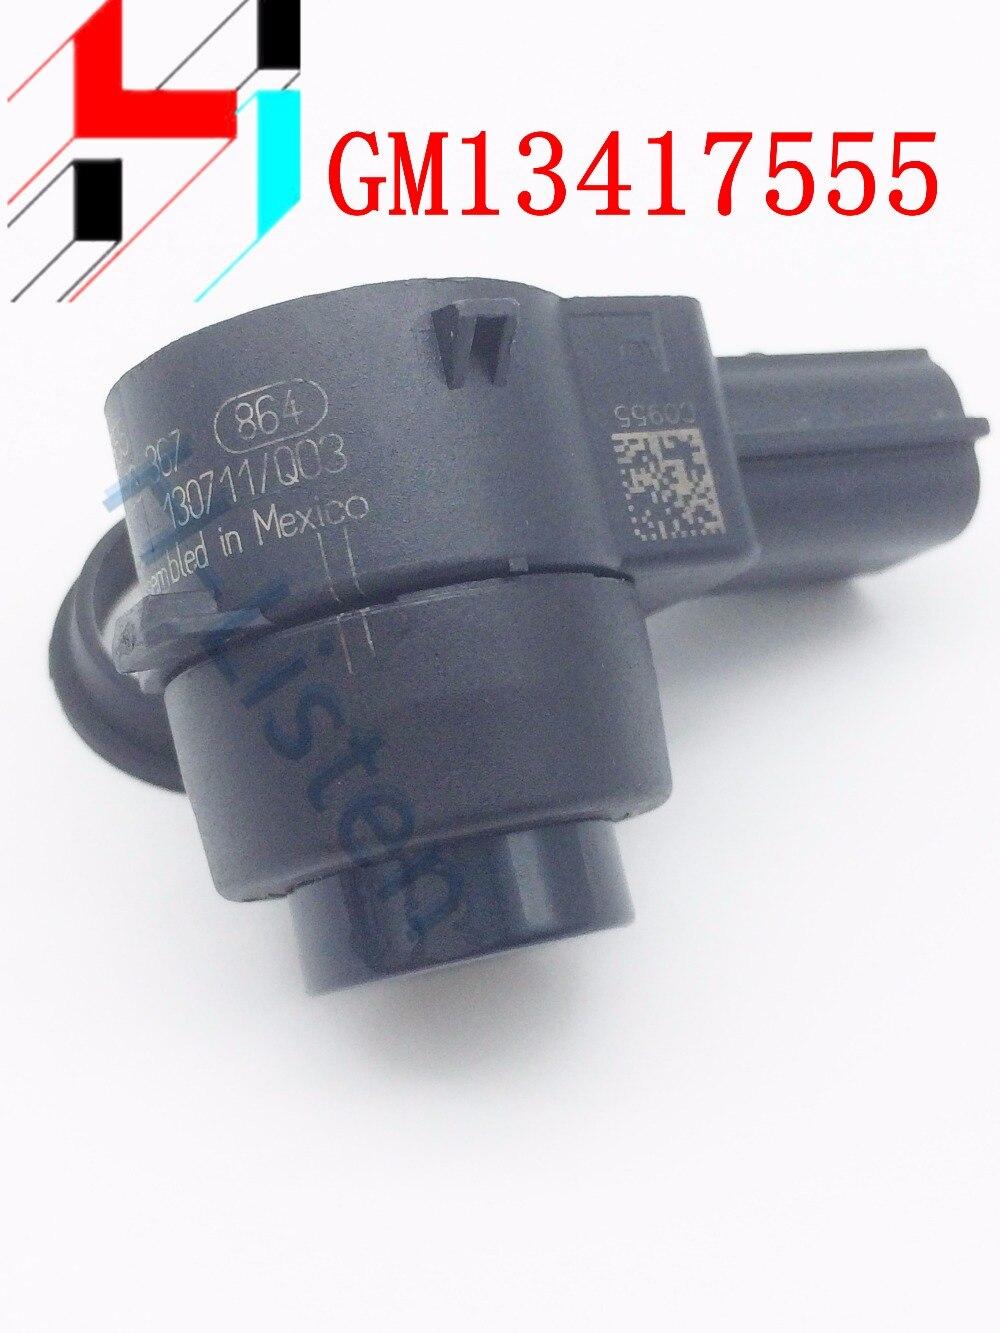 (4 шт.) 13417555 оригинальный парковочный ультразвуковой датчик постоянного тока для OE #0263023367